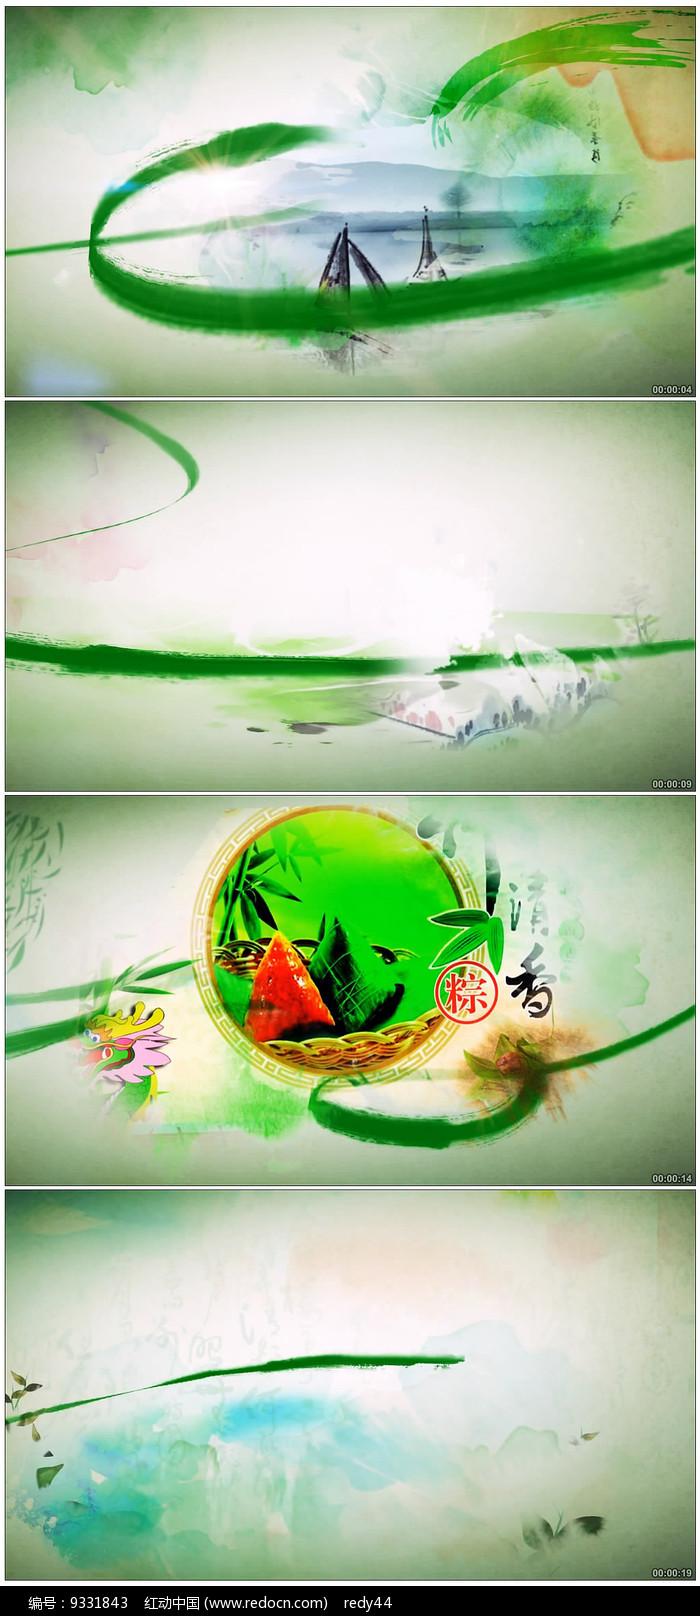 中国风水墨端午节通用片头图片